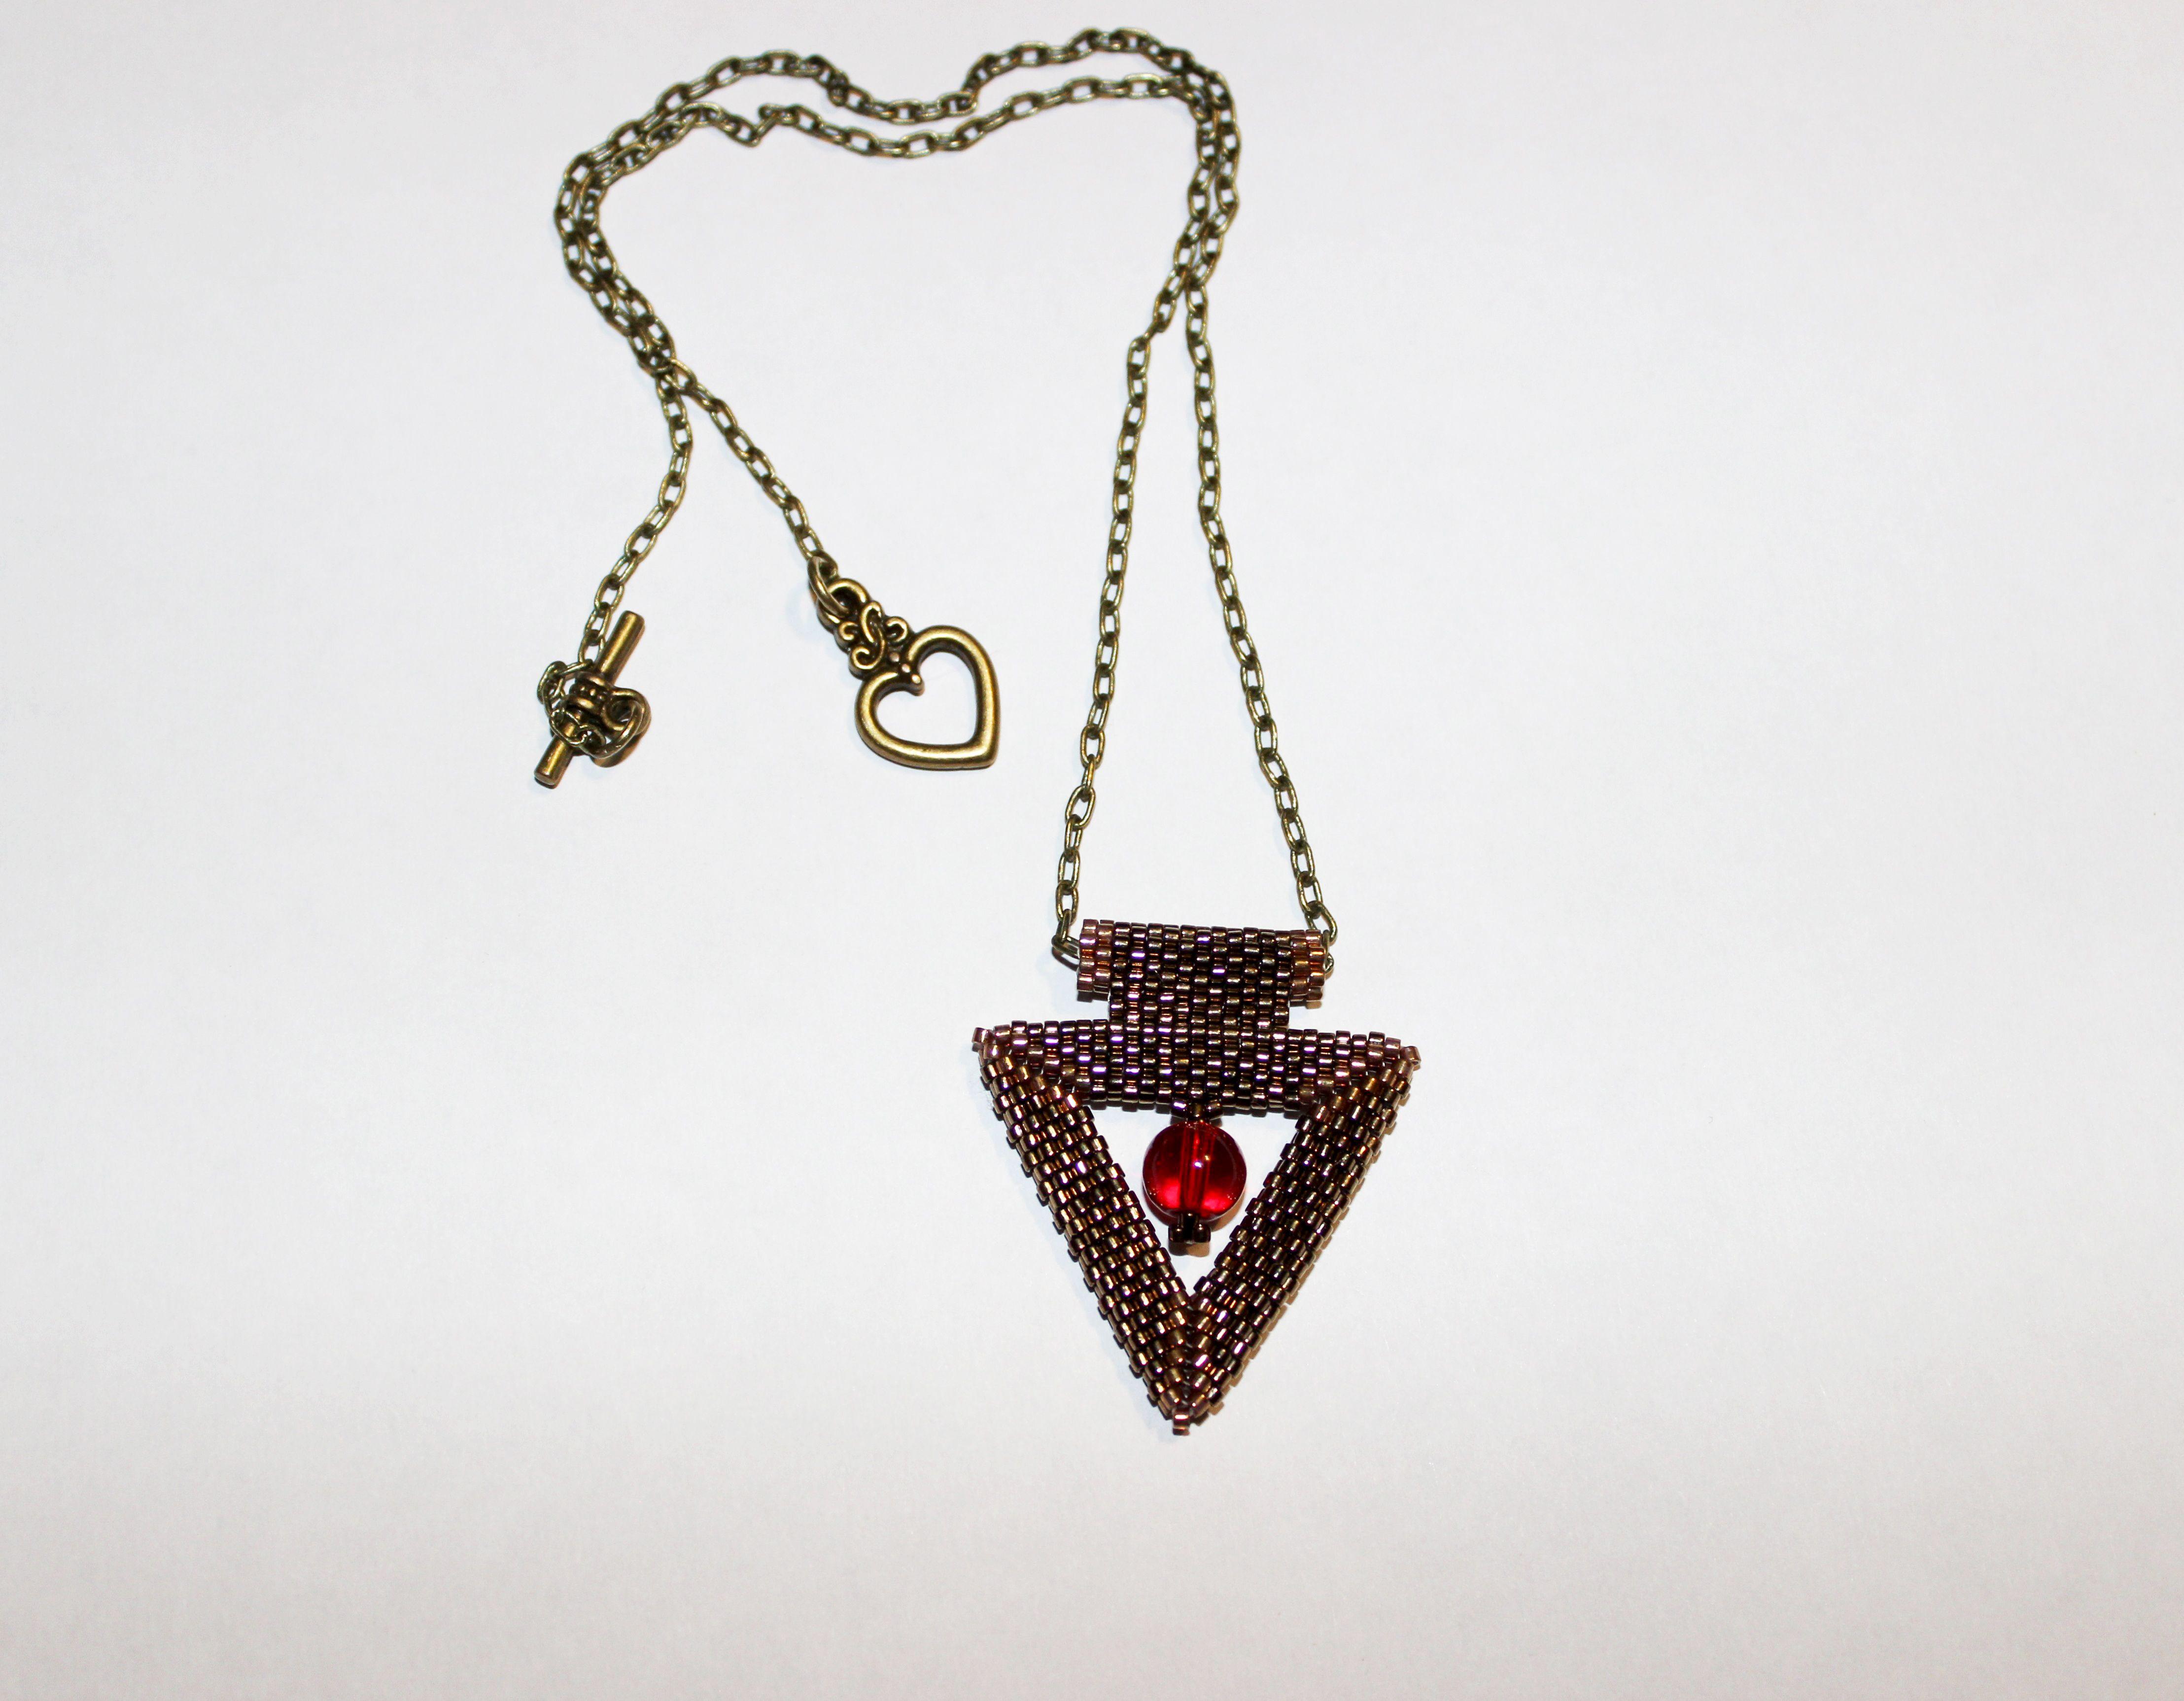 бронзовый треугольник кулон бисер бисероплетение украшения подвеска бижутерия